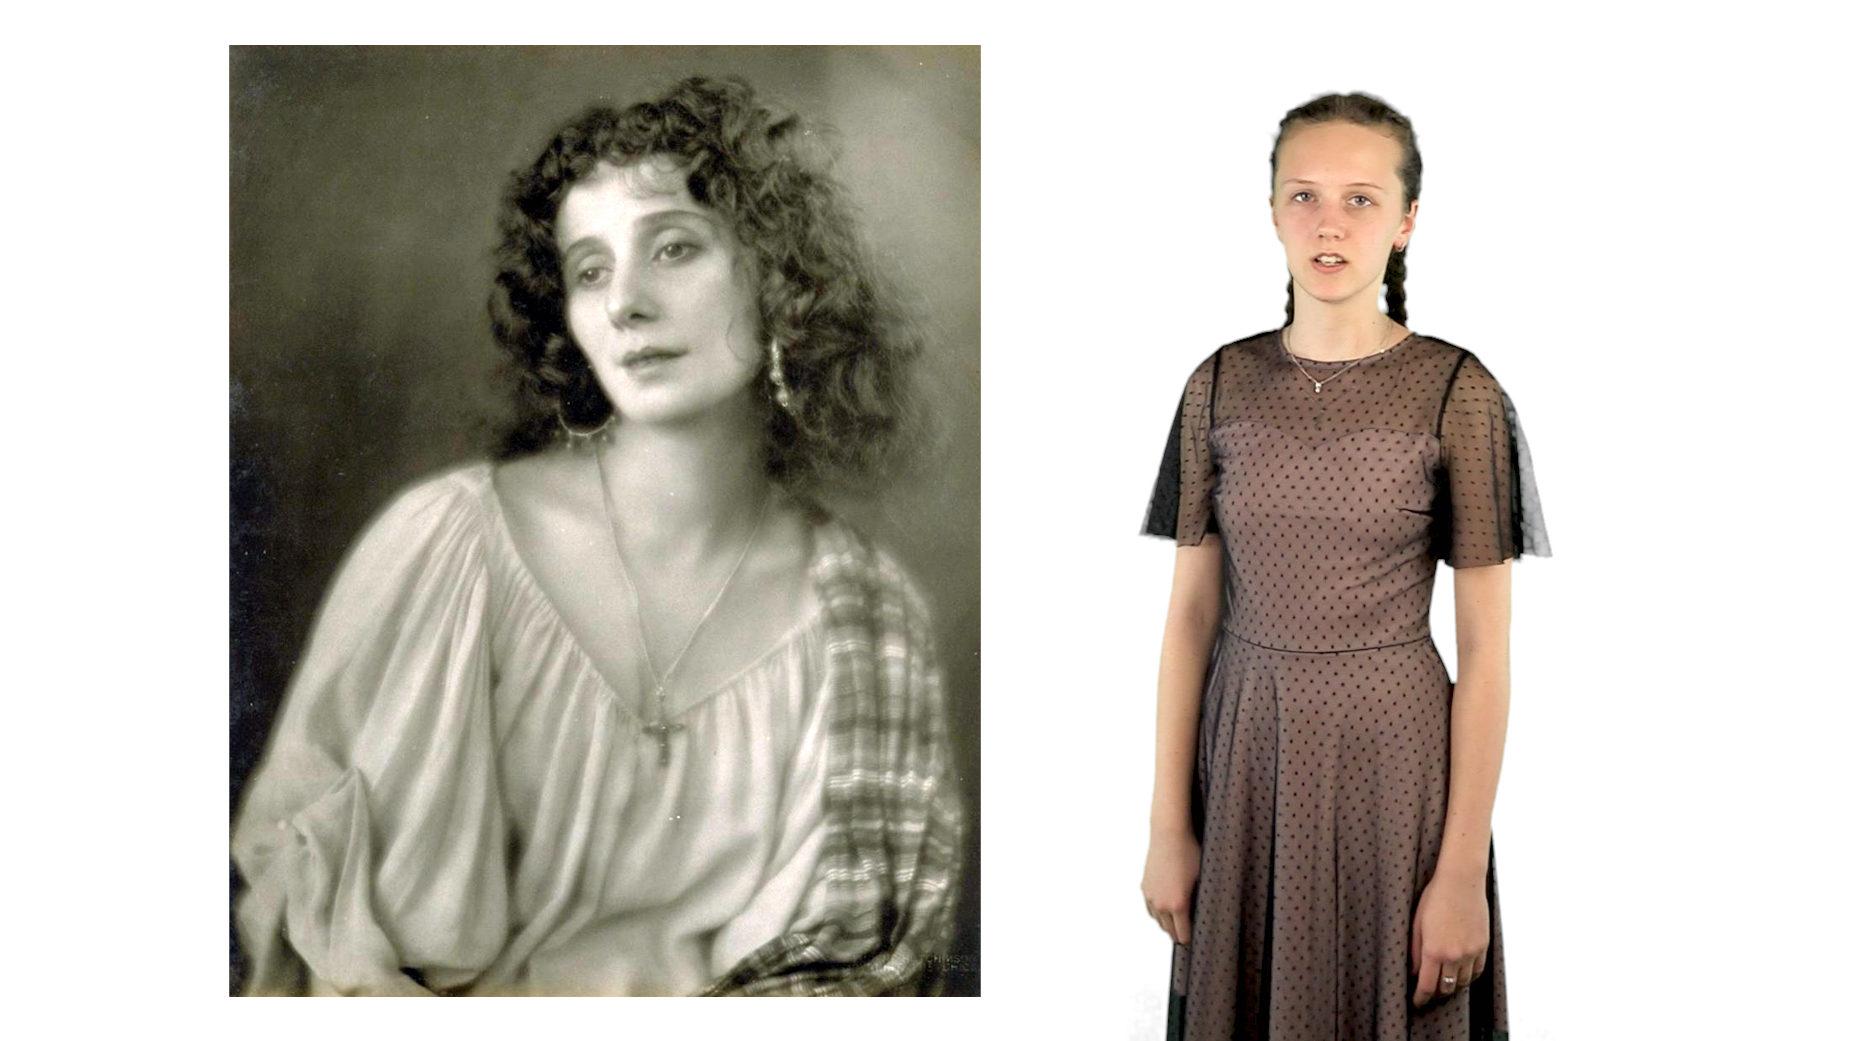 Анна Павлова одна из величайших балерин XX века